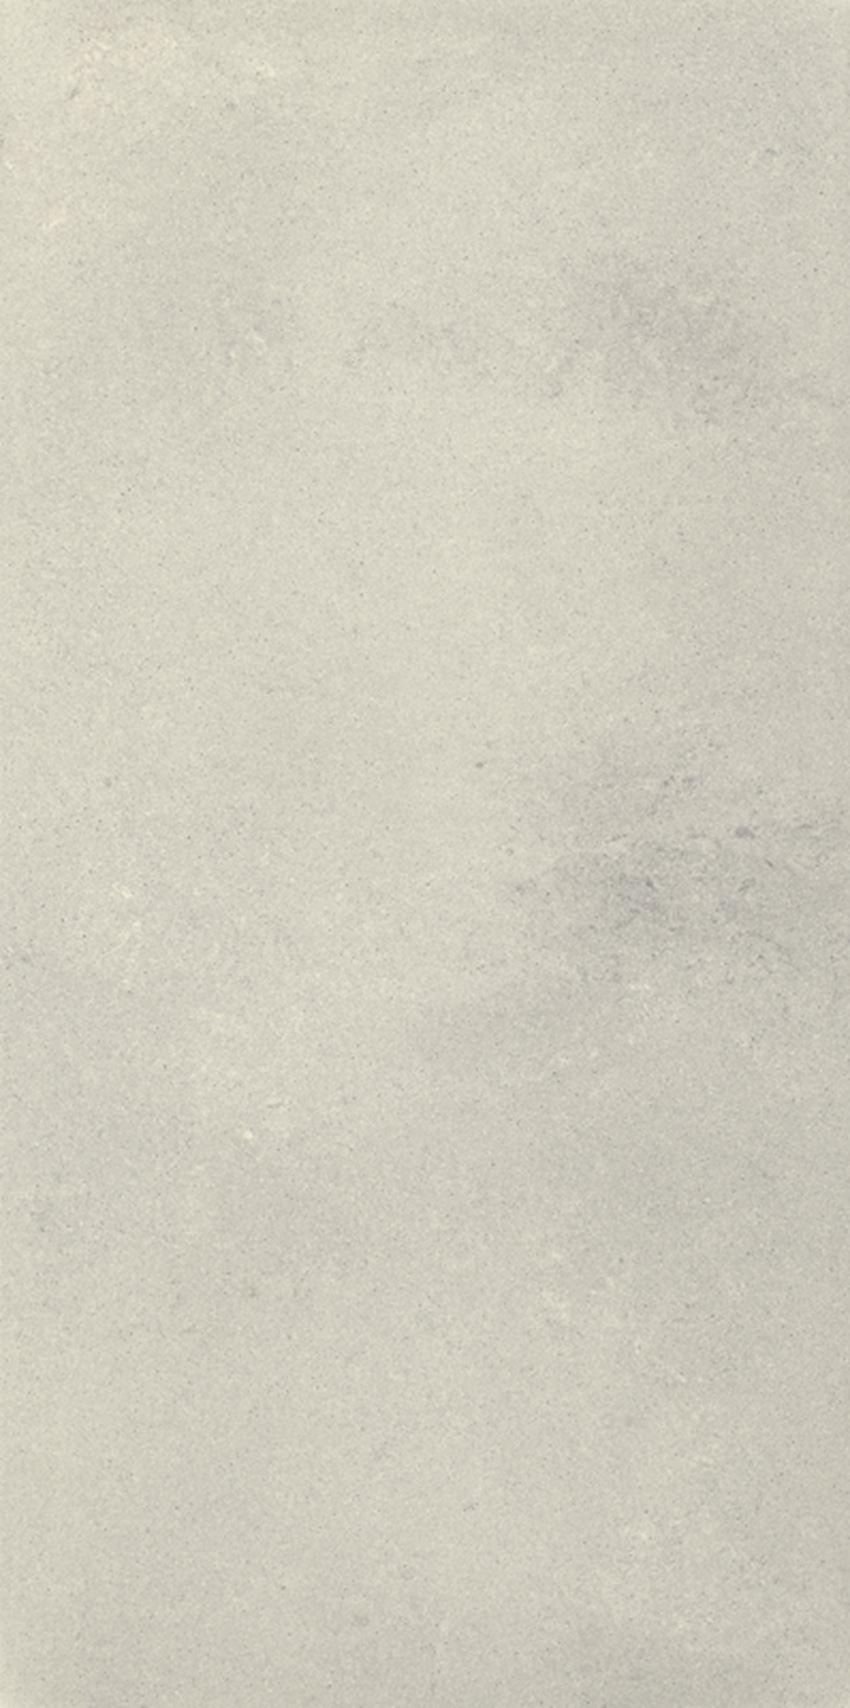 Płytka uniwersalna 29,8x59,8 cm Paradyż Naturstone Grys mat